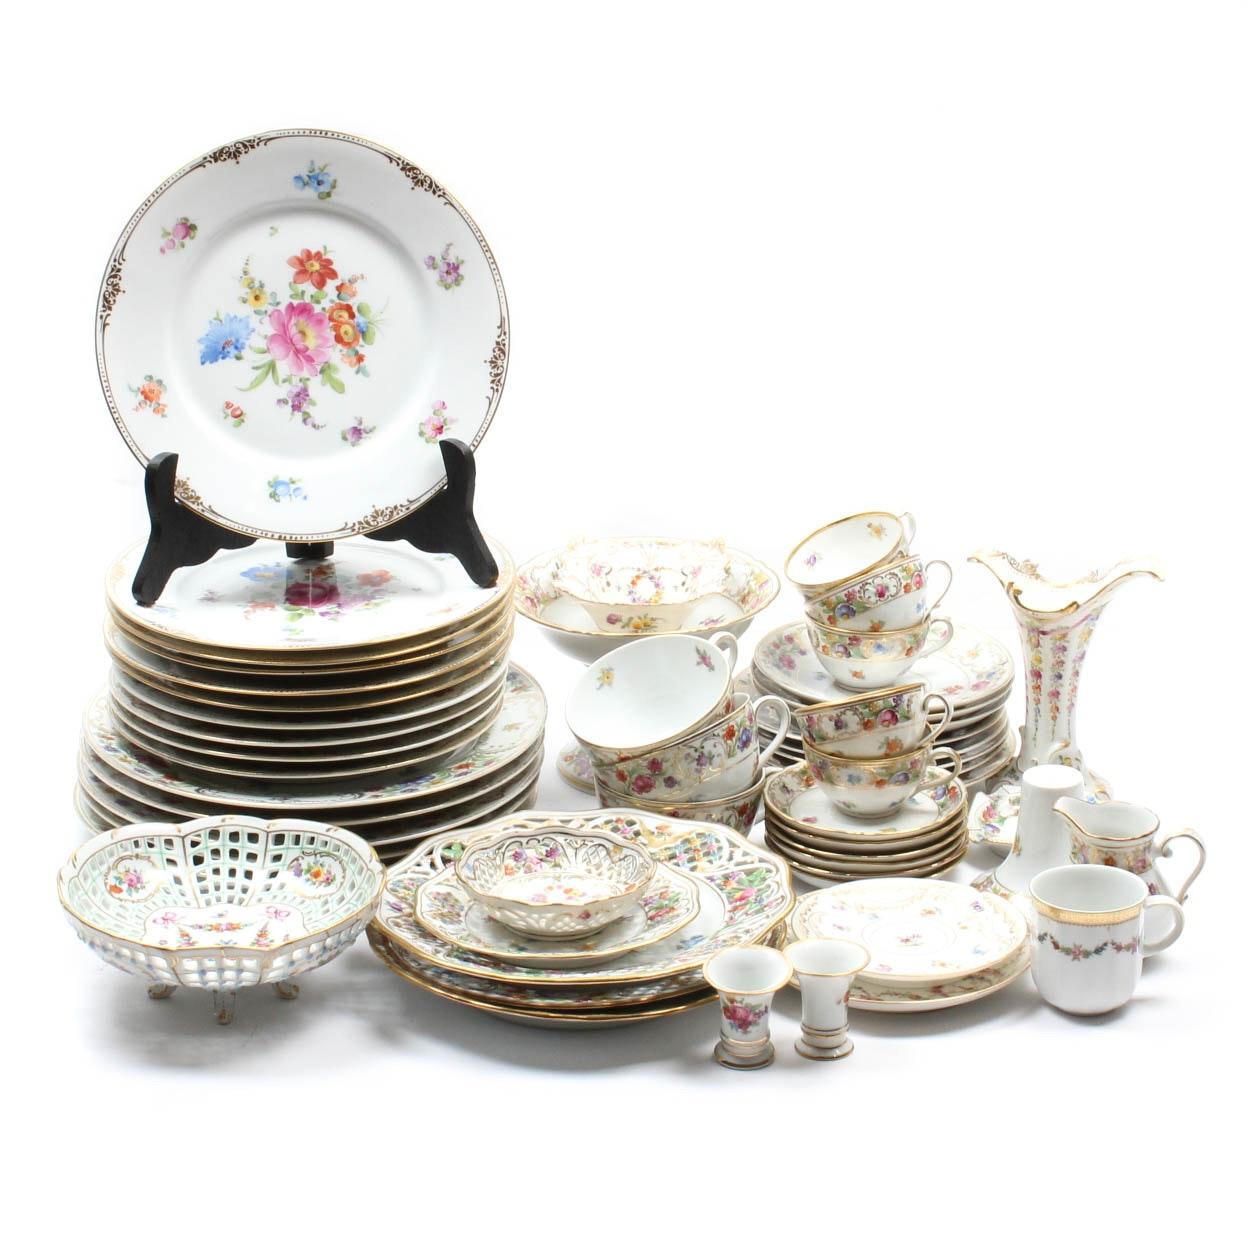 Vintage Dresden Dresdner and German Floral Porcelain Tableware ...  sc 1 st  EBTH.com & Vintage Dresden Dresdner and German Floral Porcelain Tableware : EBTH